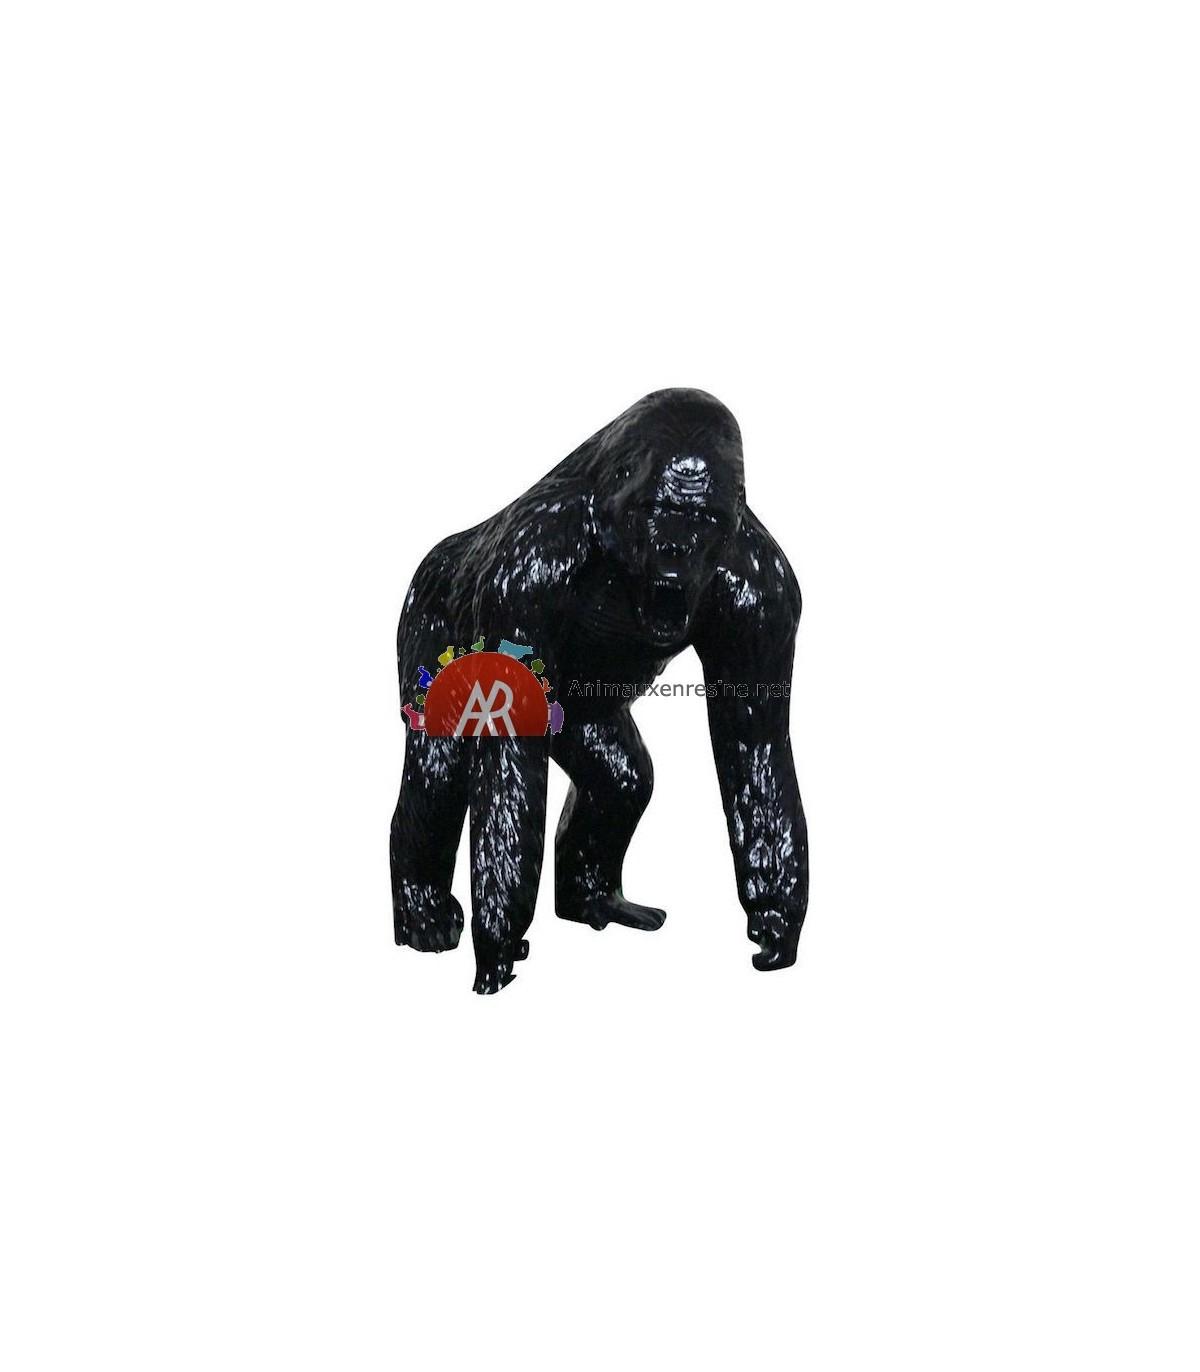 Statue Gorille Geant Debout En Résine Monochrome à Nain De Jardin Fuck